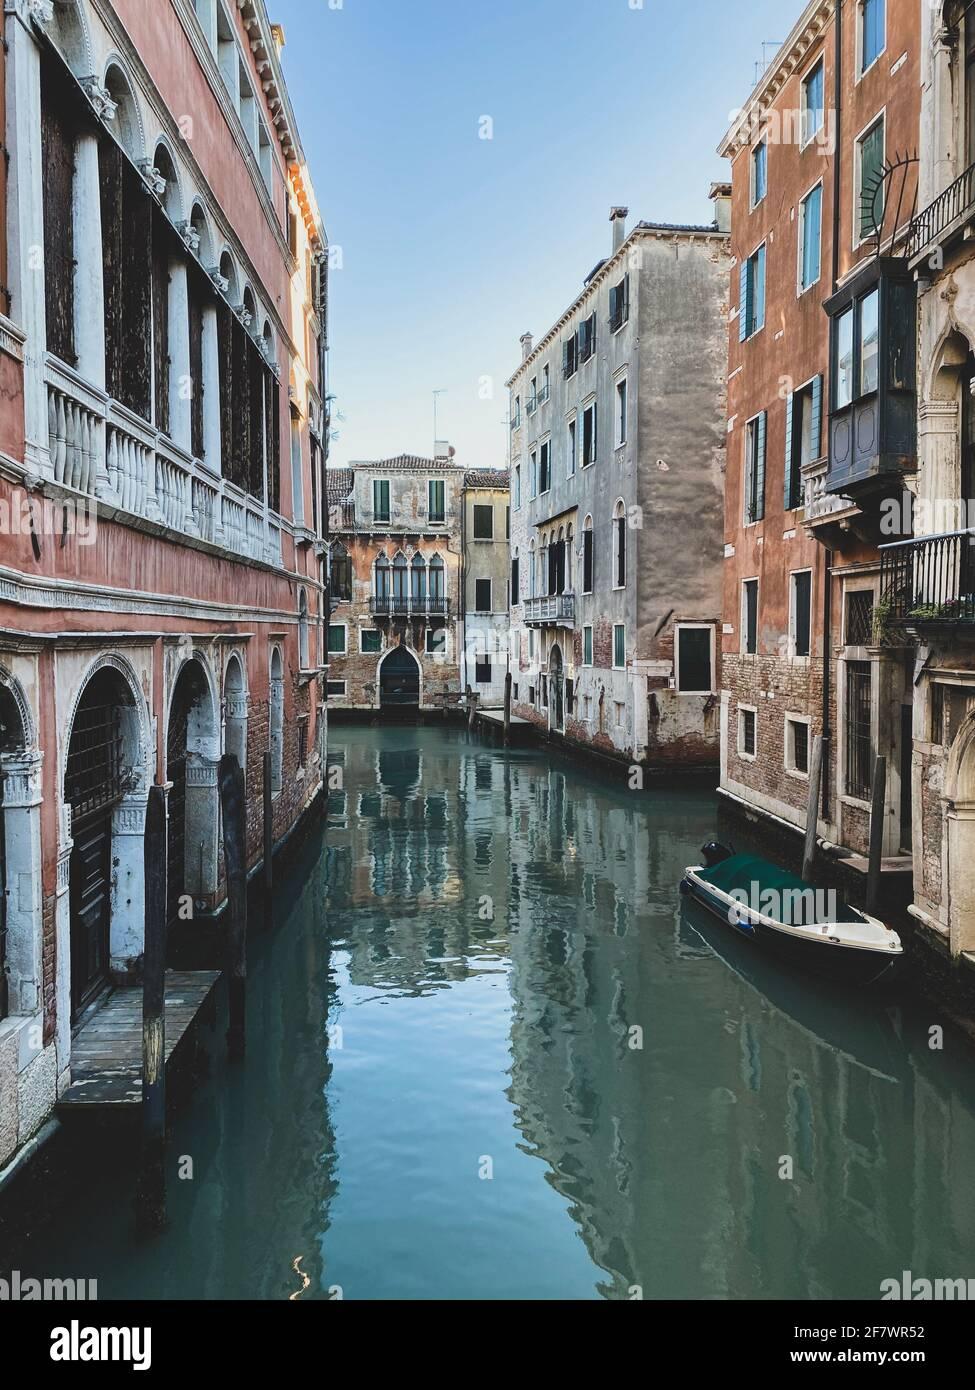 Piccola barca su una strada canale a Venezia con belle case colorate, Italia. Cielo blu Foto Stock